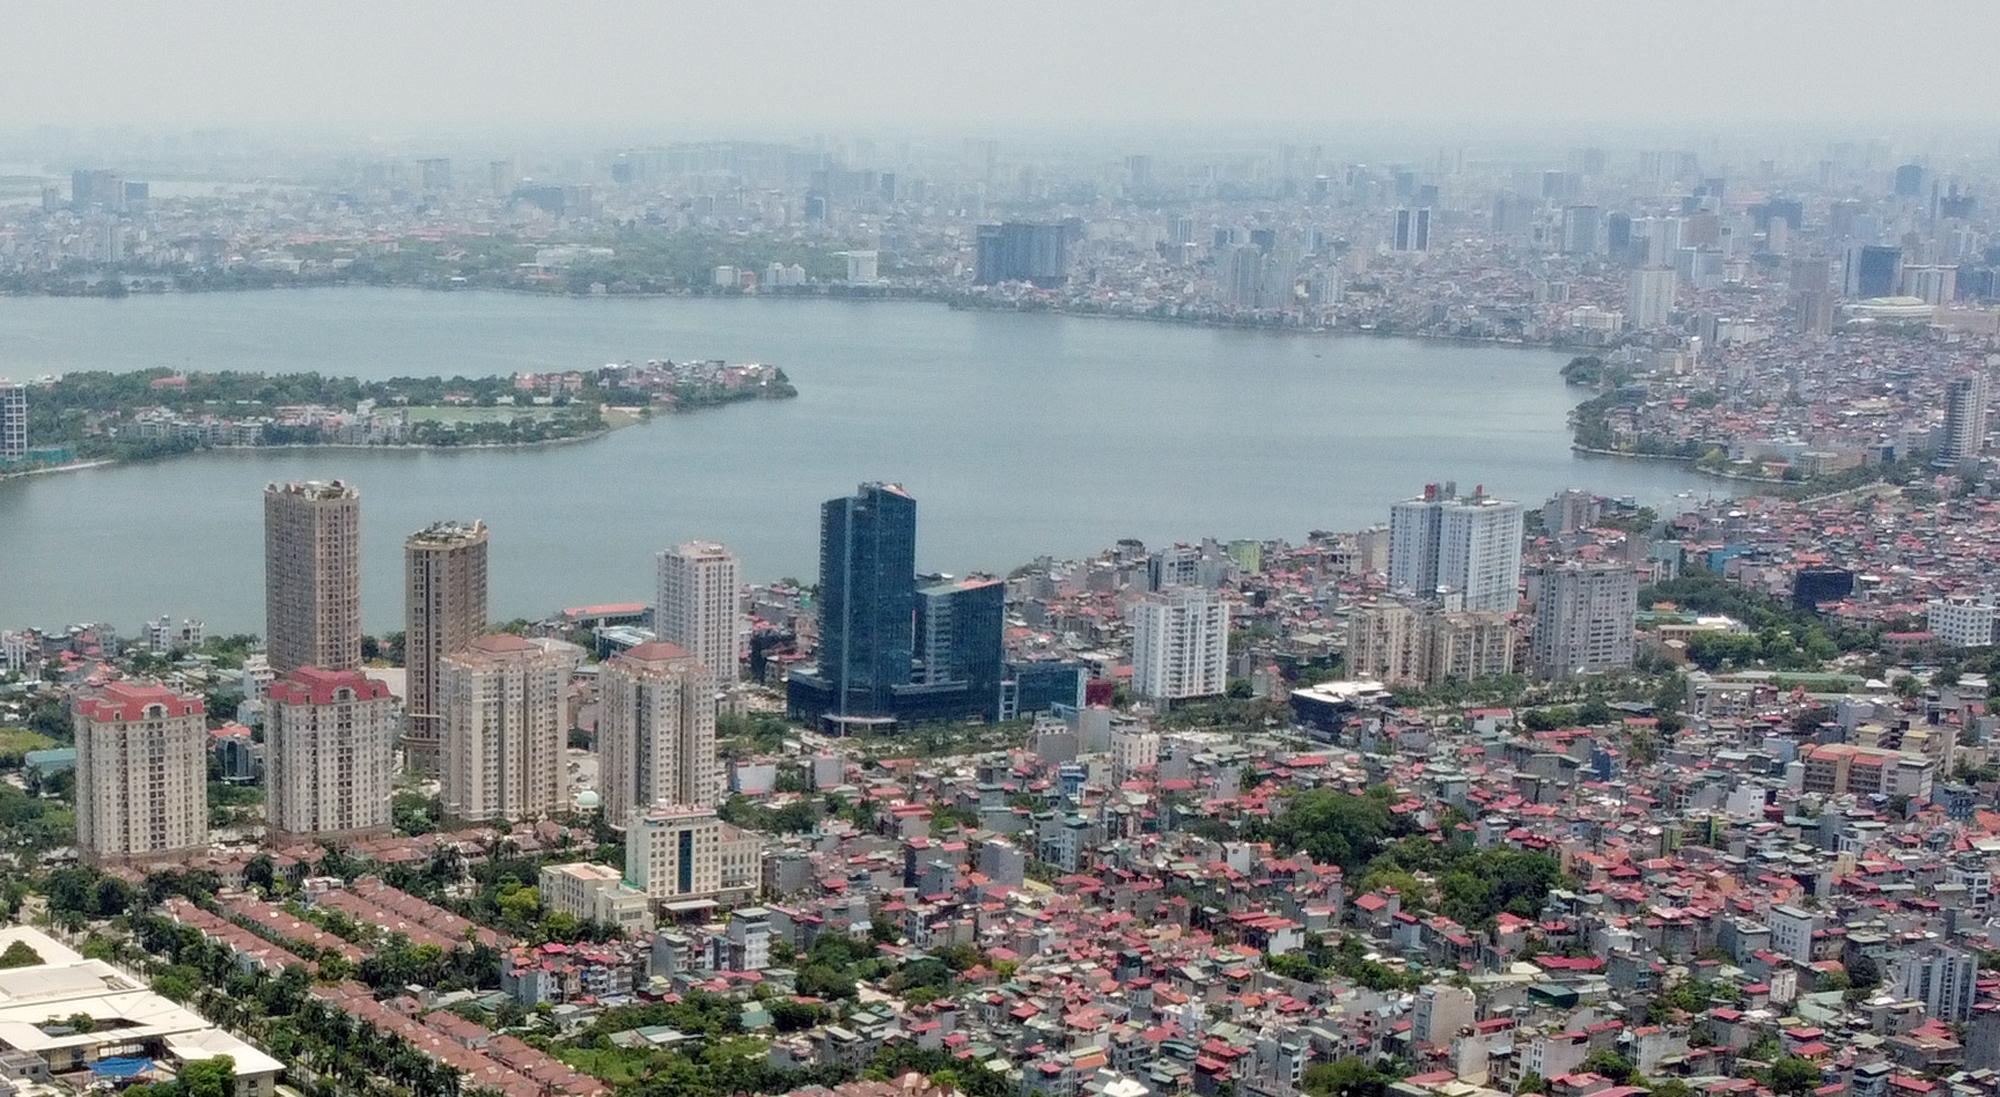 Hà Nội nói gì về 4 dự án 'treo' lâu năm tại quận Tây Hồ? - Ảnh 2.